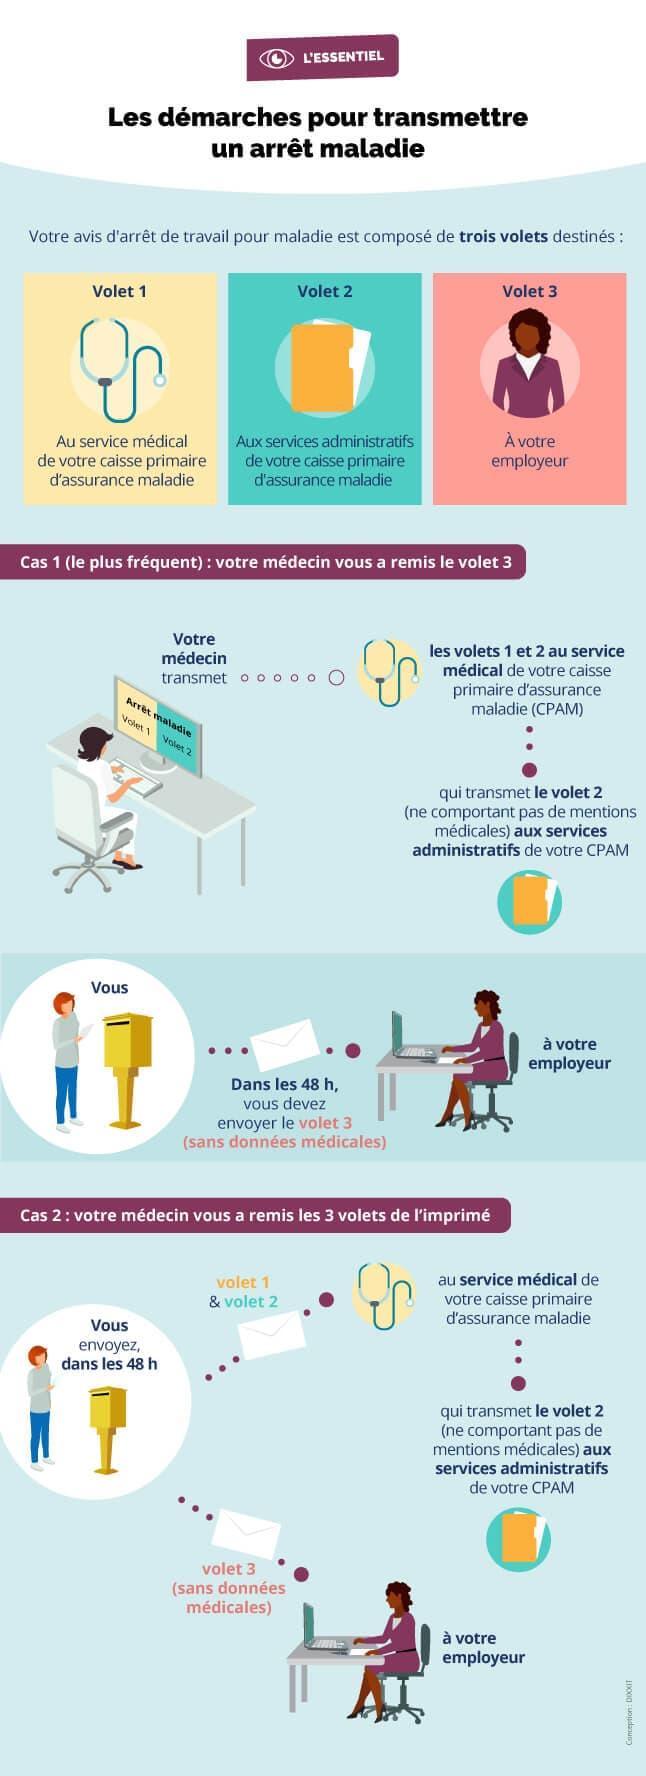 Infographie représentant les démarches à effectuer pour transmettre votre avis d'arrêt de travail (cf. description détaillée ci-après)